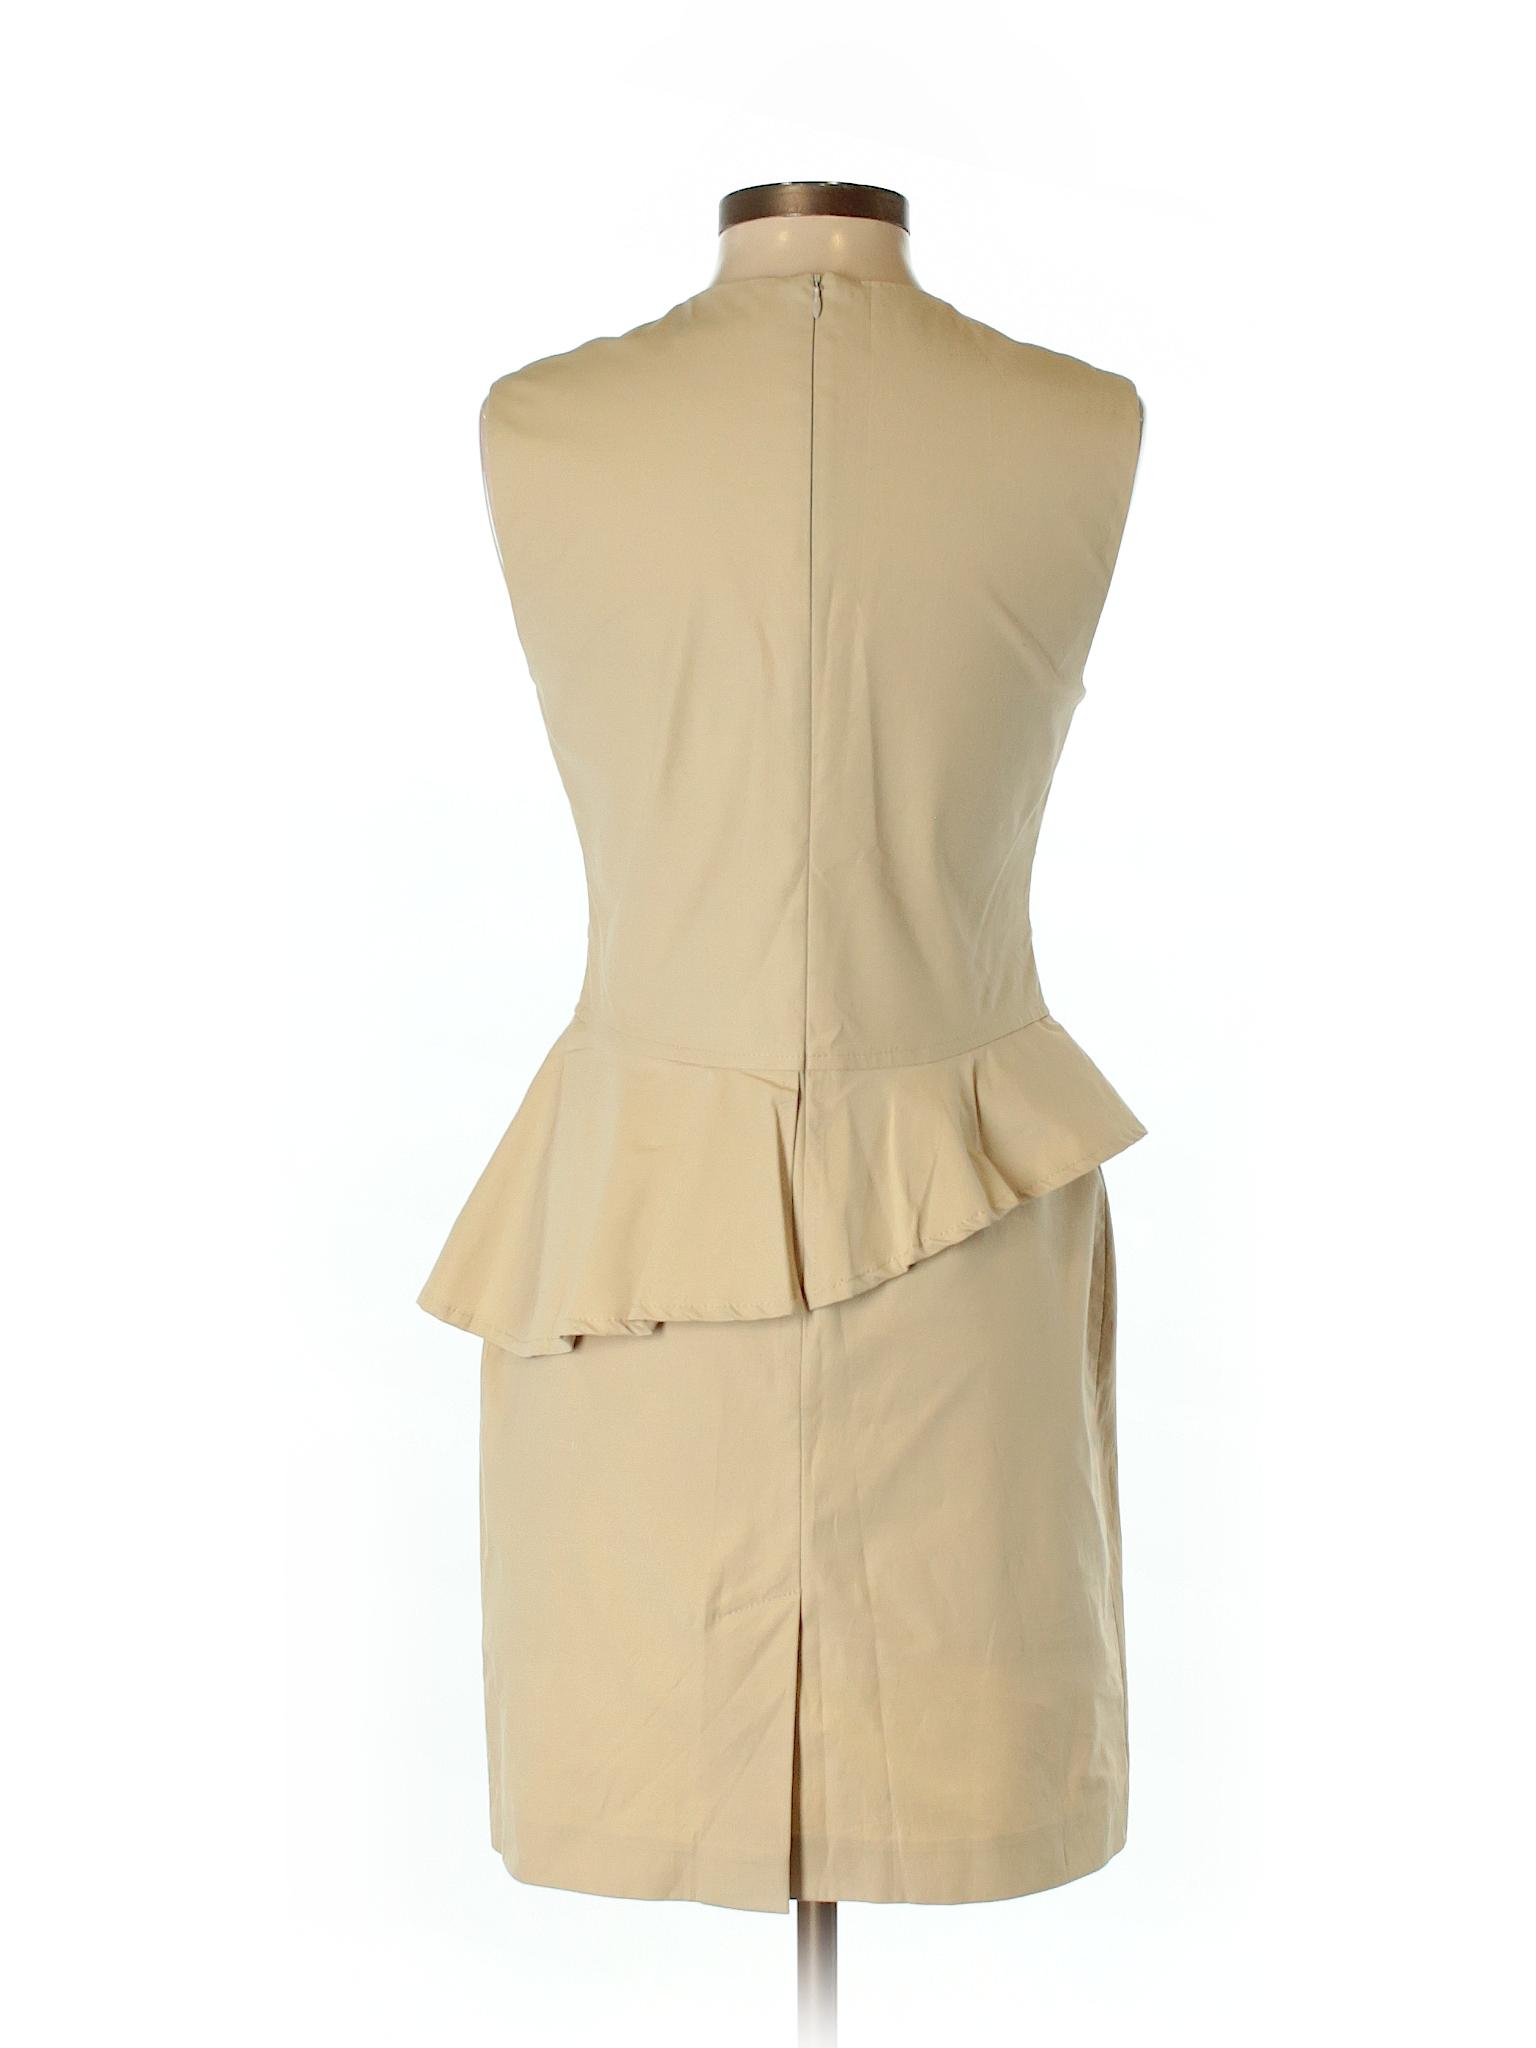 Dress winter Casual Boutique Boutique winter Drew 0qvPPw